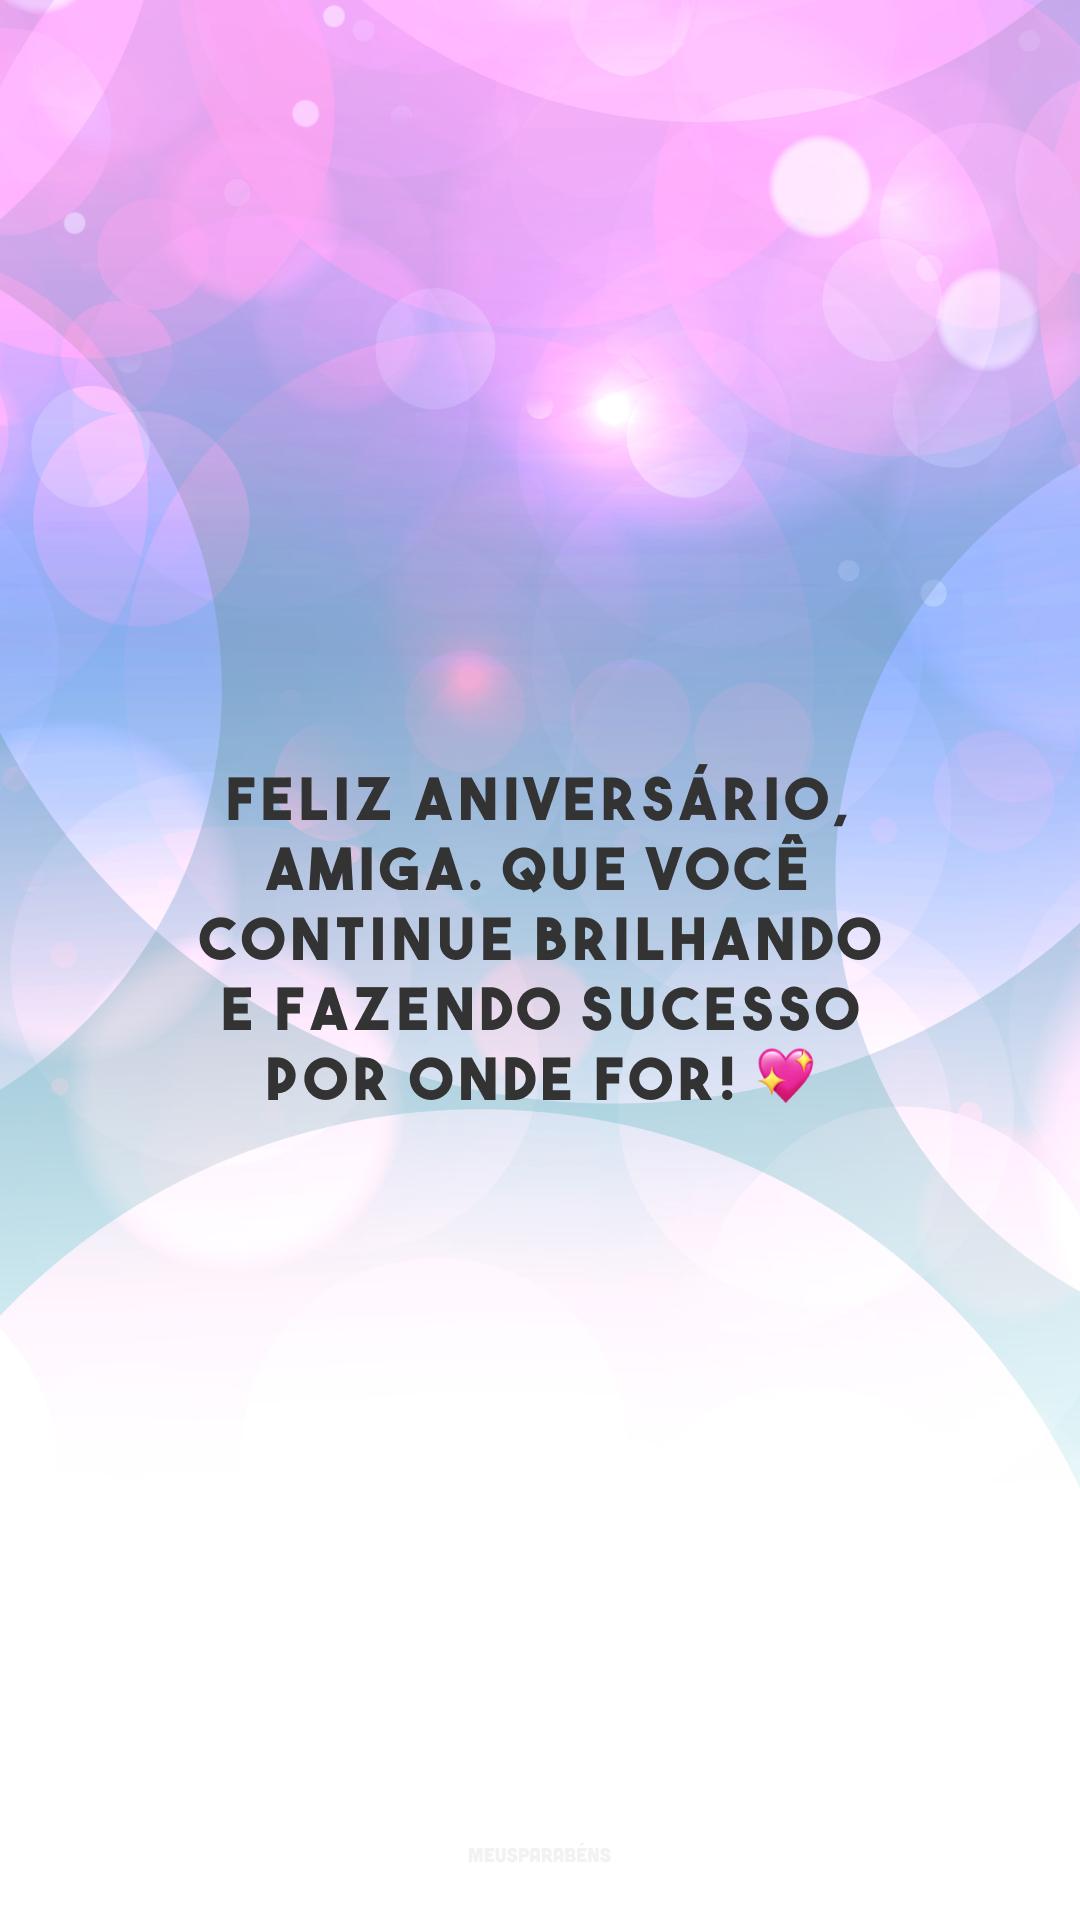 Feliz aniversário, amiga. Que você continue brilhando e fazendo sucesso por onde for! 💖